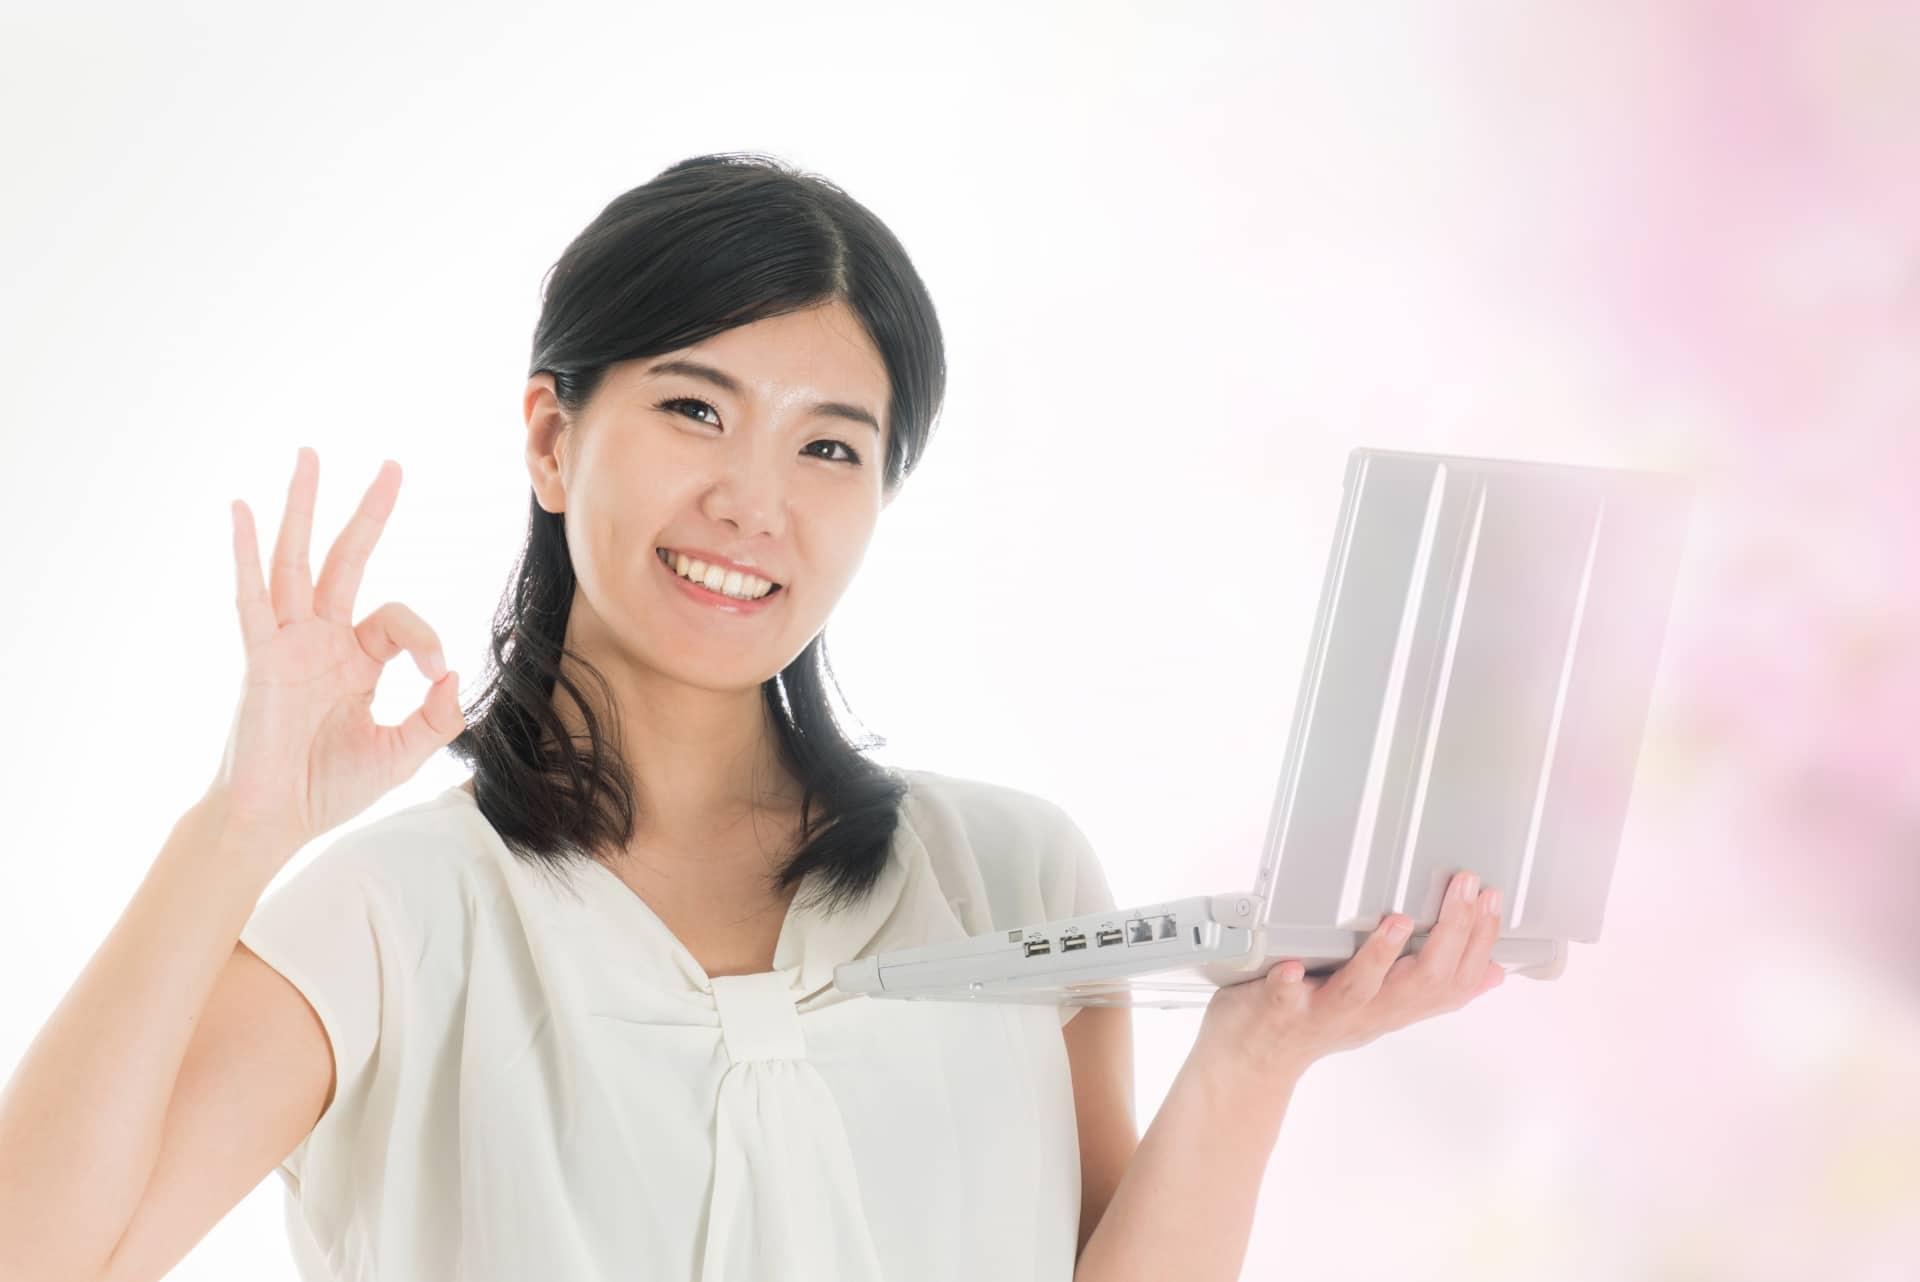 PCを手に喜びの表情を浮かべる女性